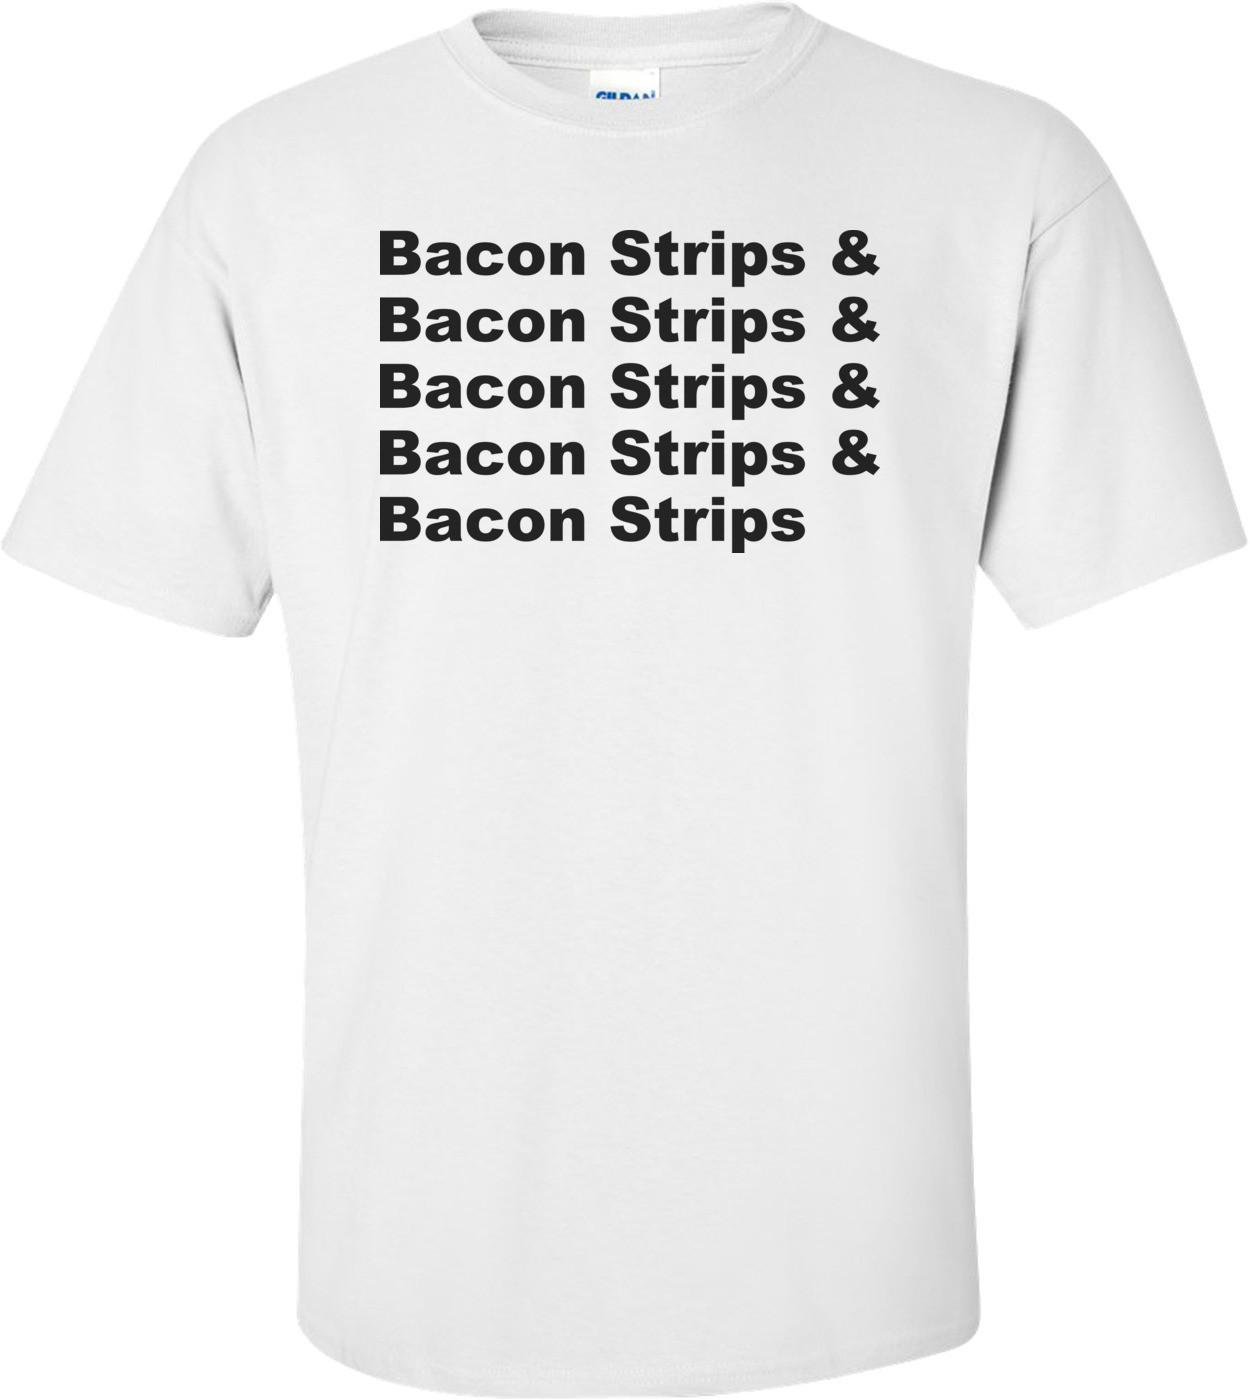 Bacon Strips T-shirt